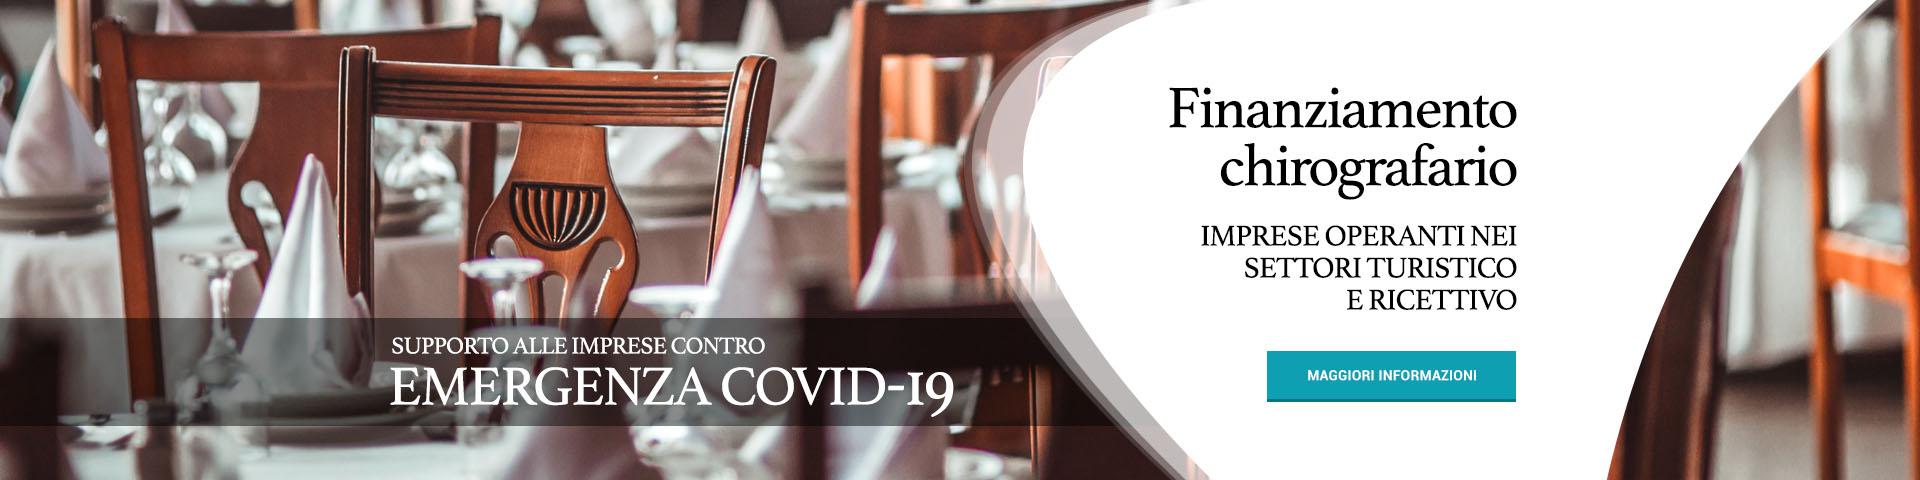 Supporto alle imprese contro l'emergenza Covid-19